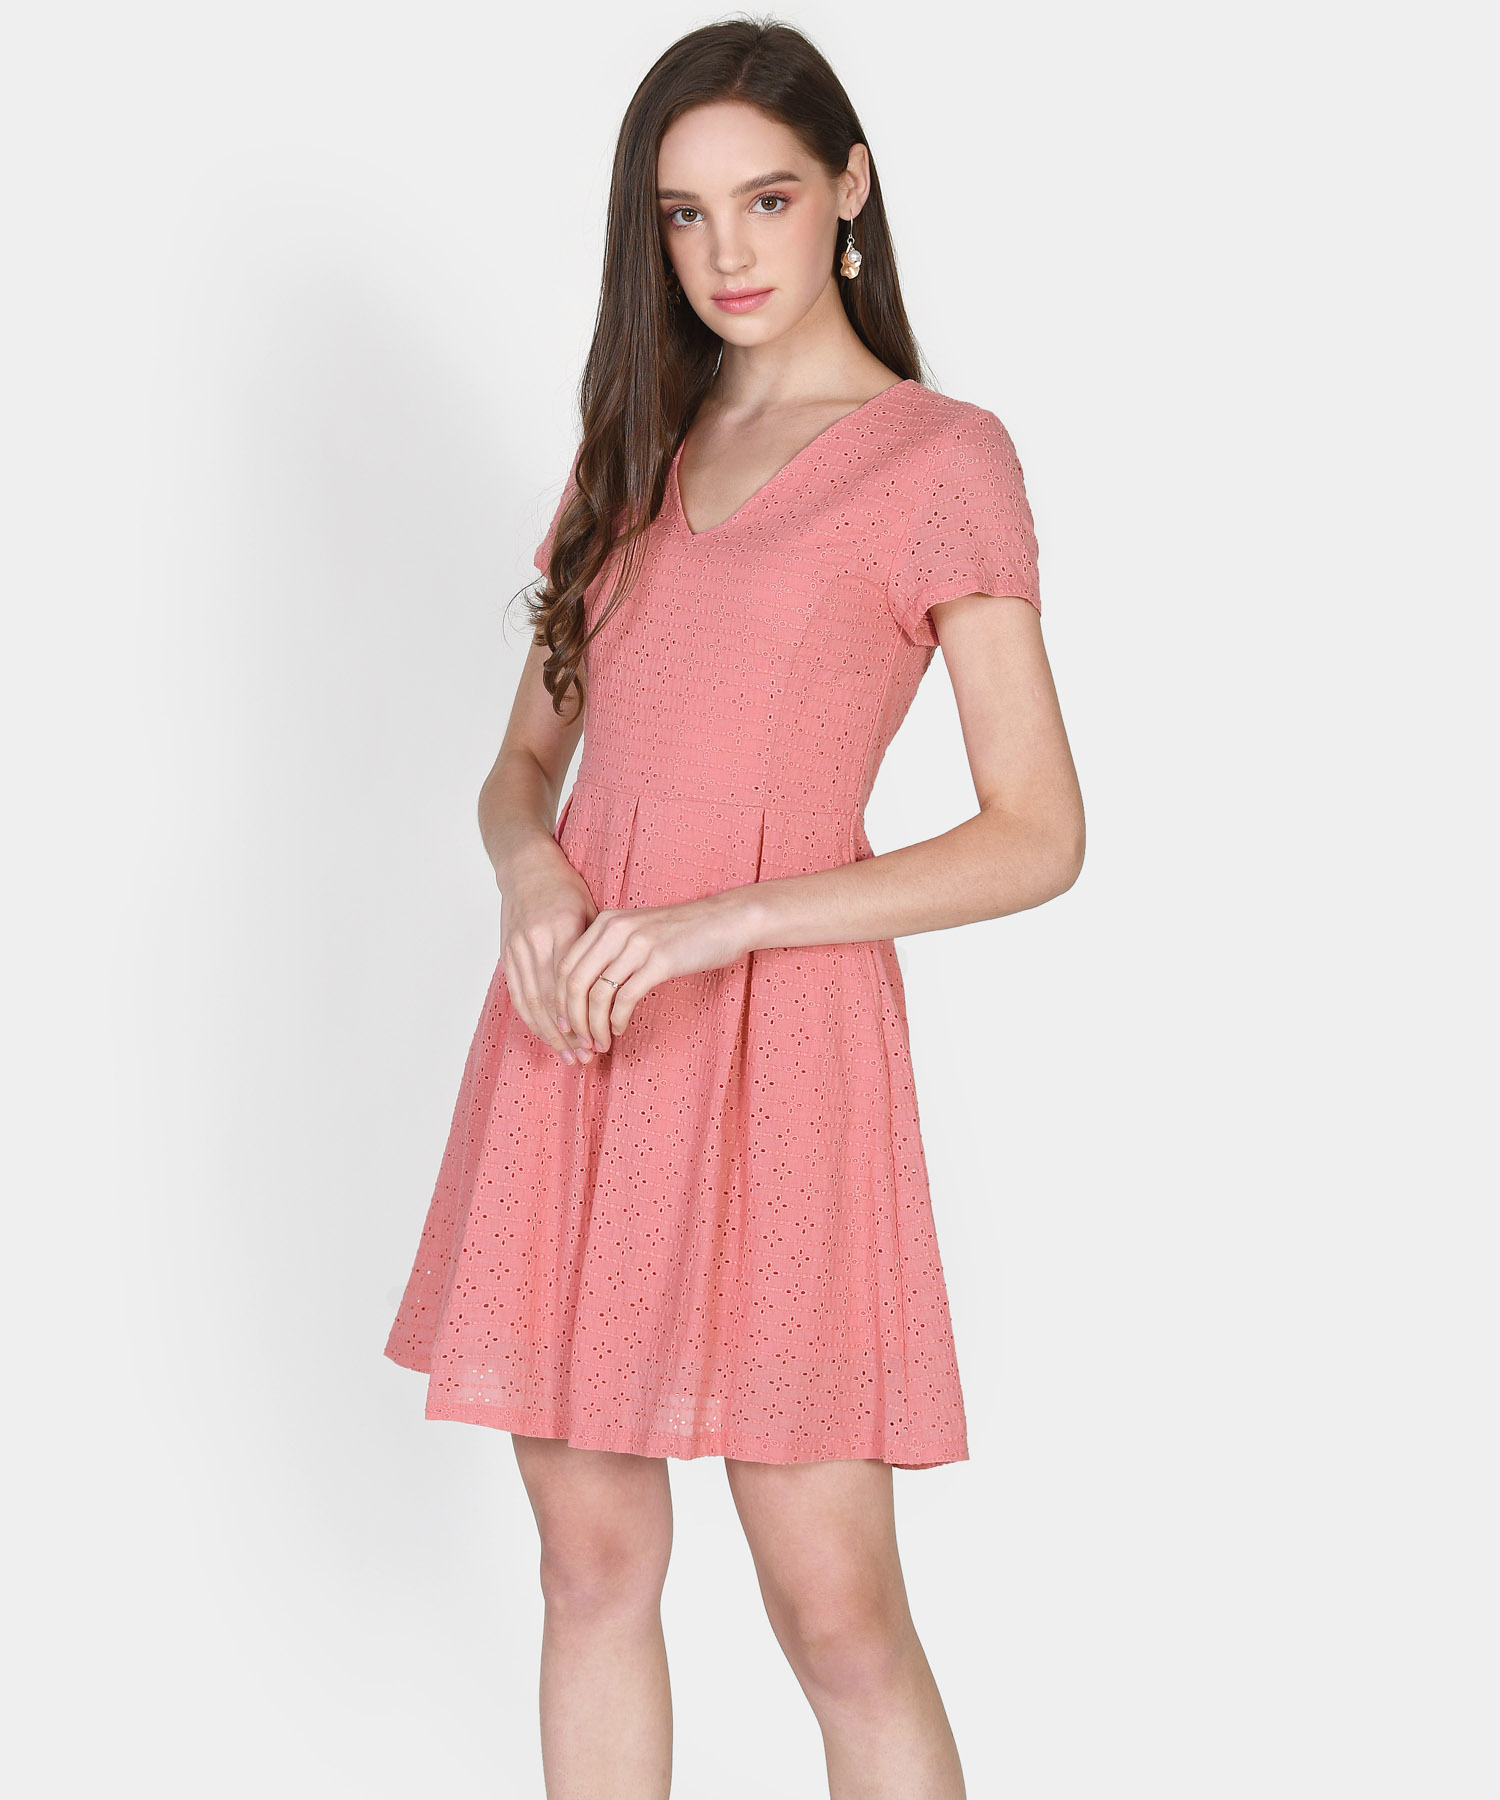 carousel-eyelet-dress-candy-pink-1